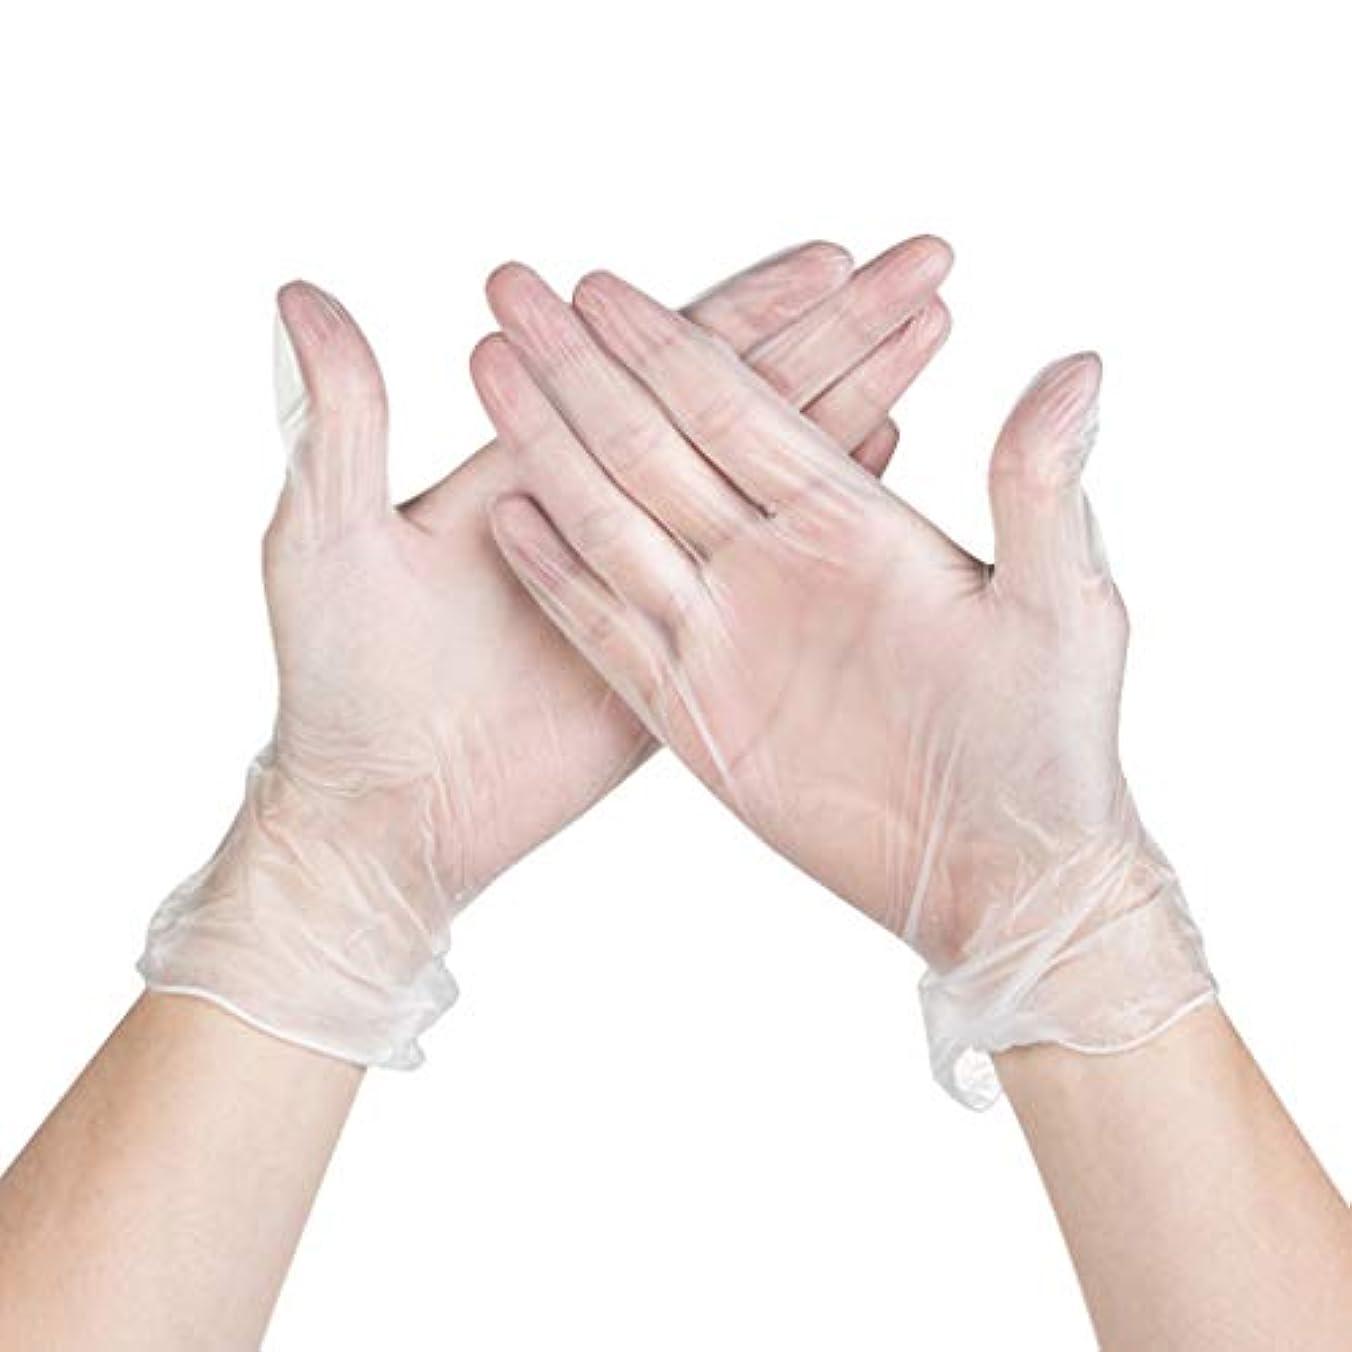 家バンク宿パウダーフリーの使い捨て医療検査食品電子修理ホーム透明PVC使い捨て手袋箱入り YANW (色 : トランスペアレント, サイズ さいず : M m)